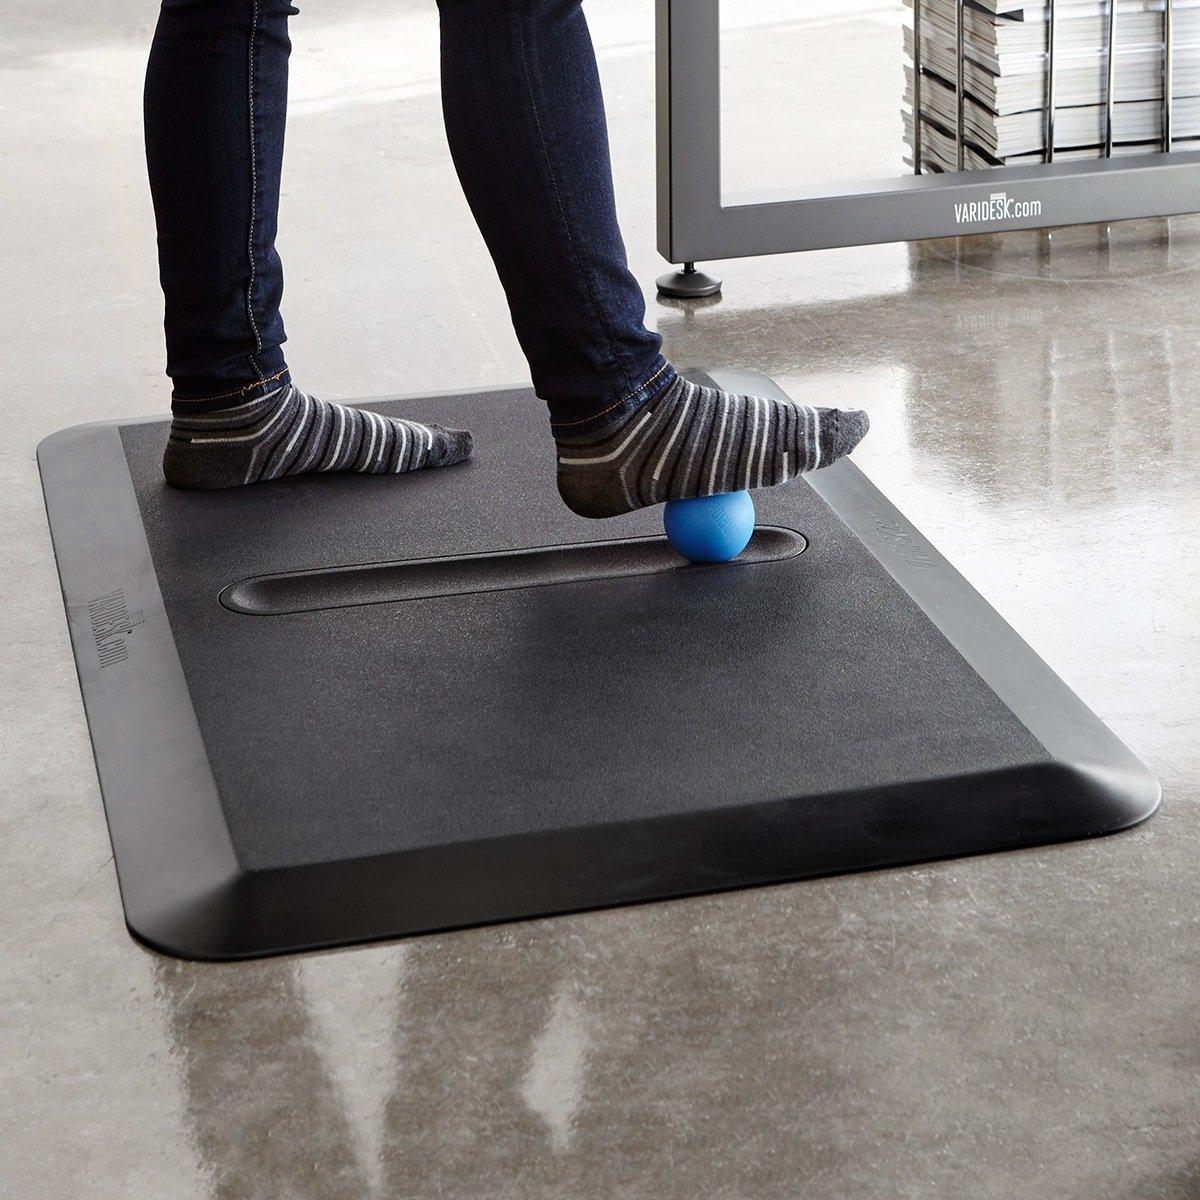 VARIDESK® - Standing Desk Anti-Fatigue Comfort Floor Mat – ActiveMat™ Groove